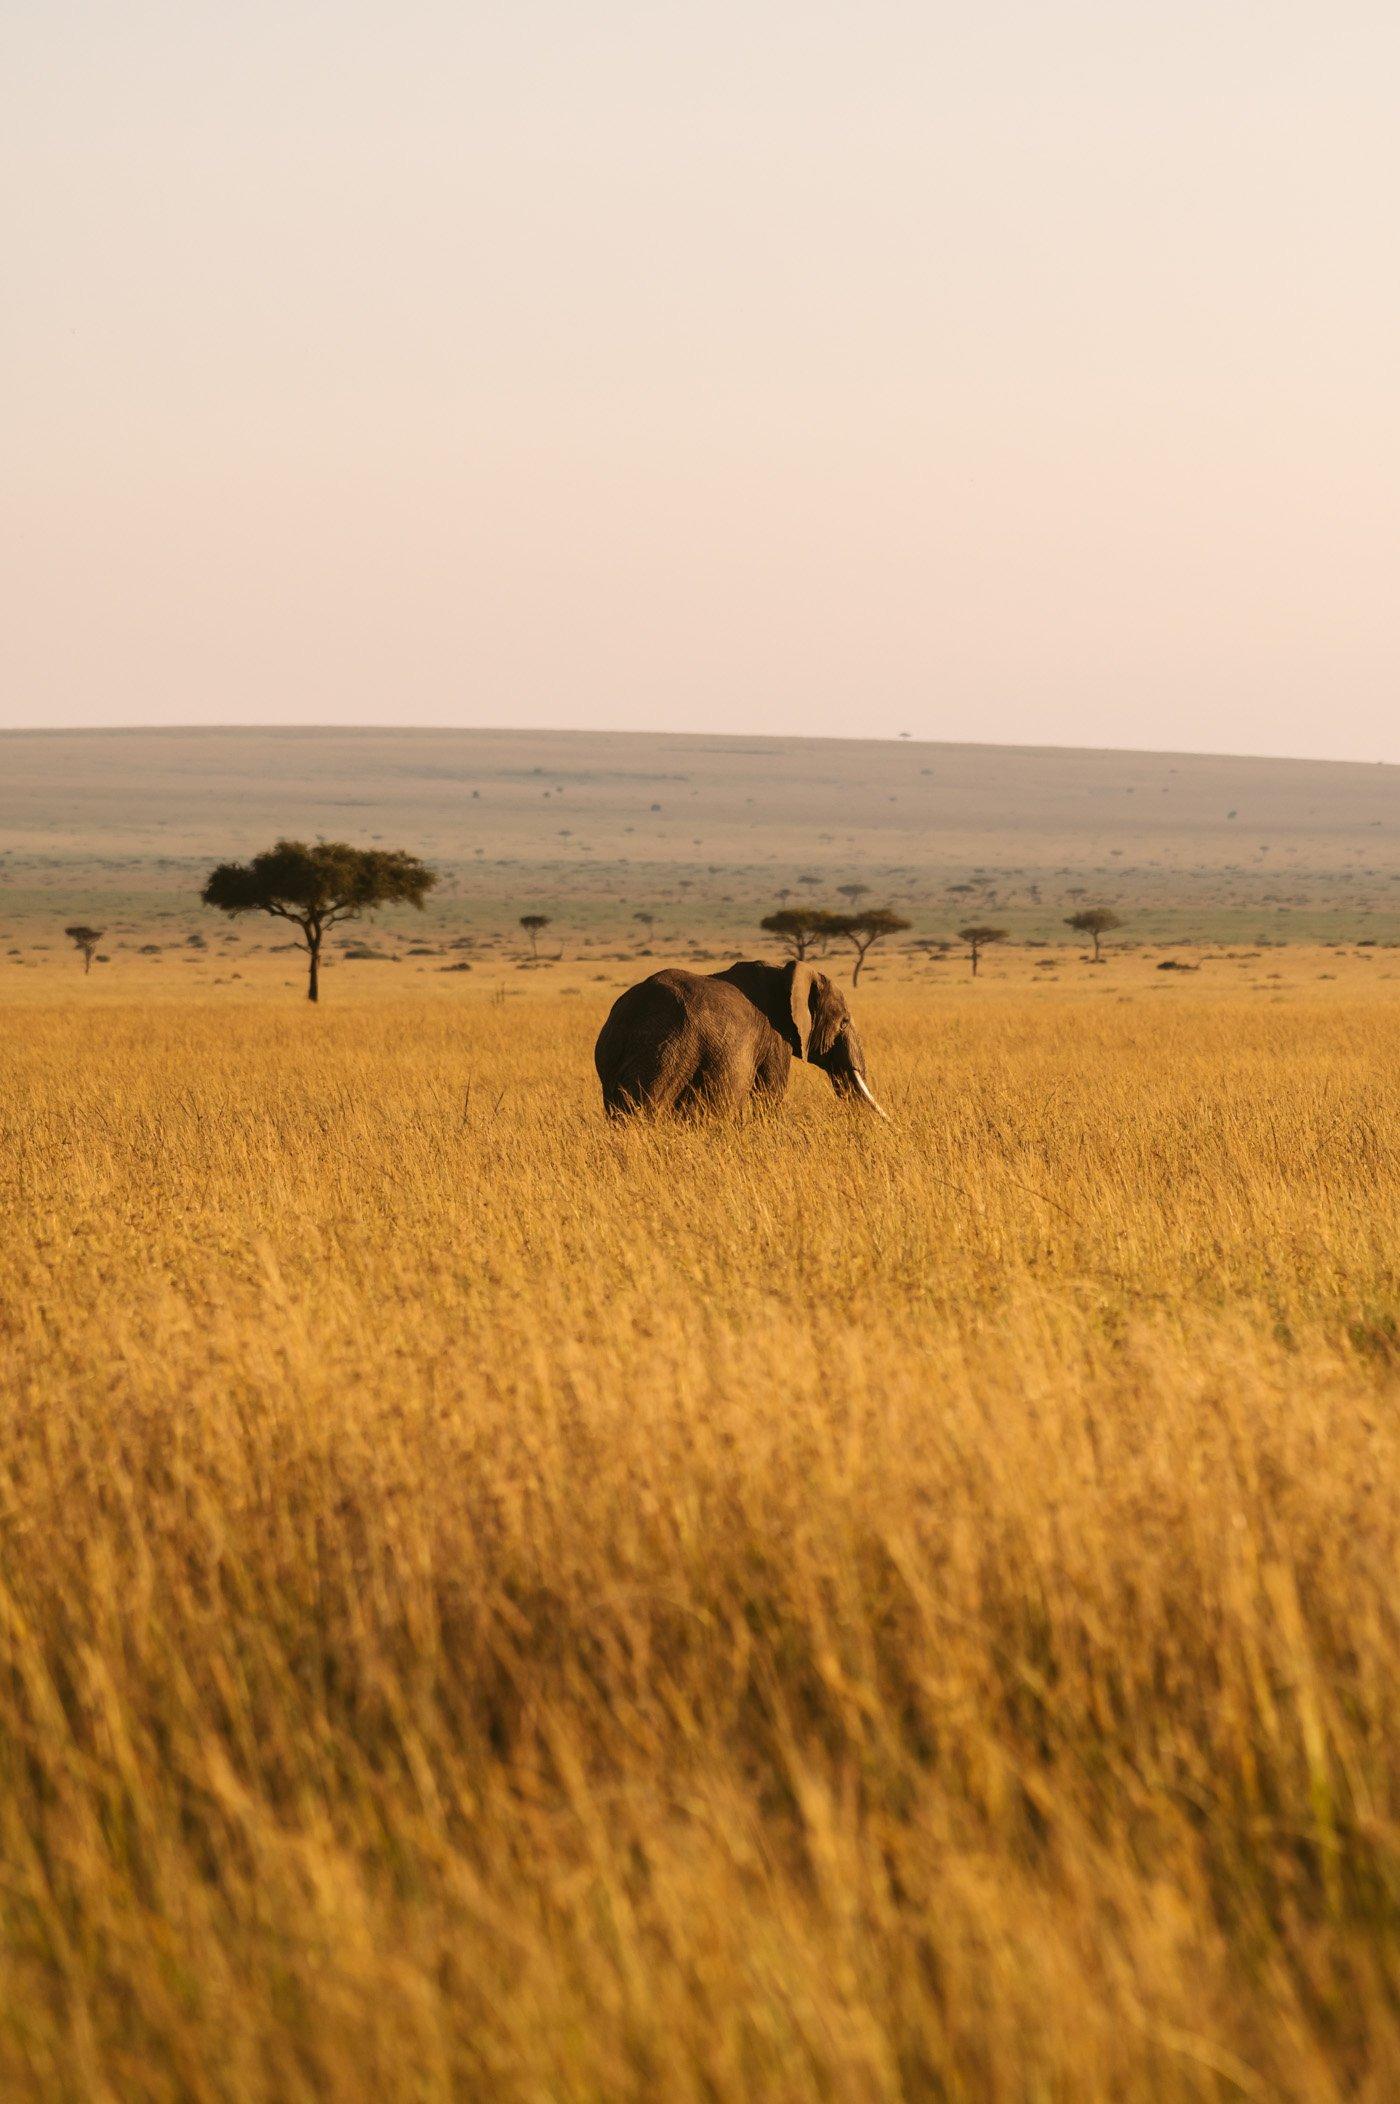 Elephant in the Mara Triangle in Kenya